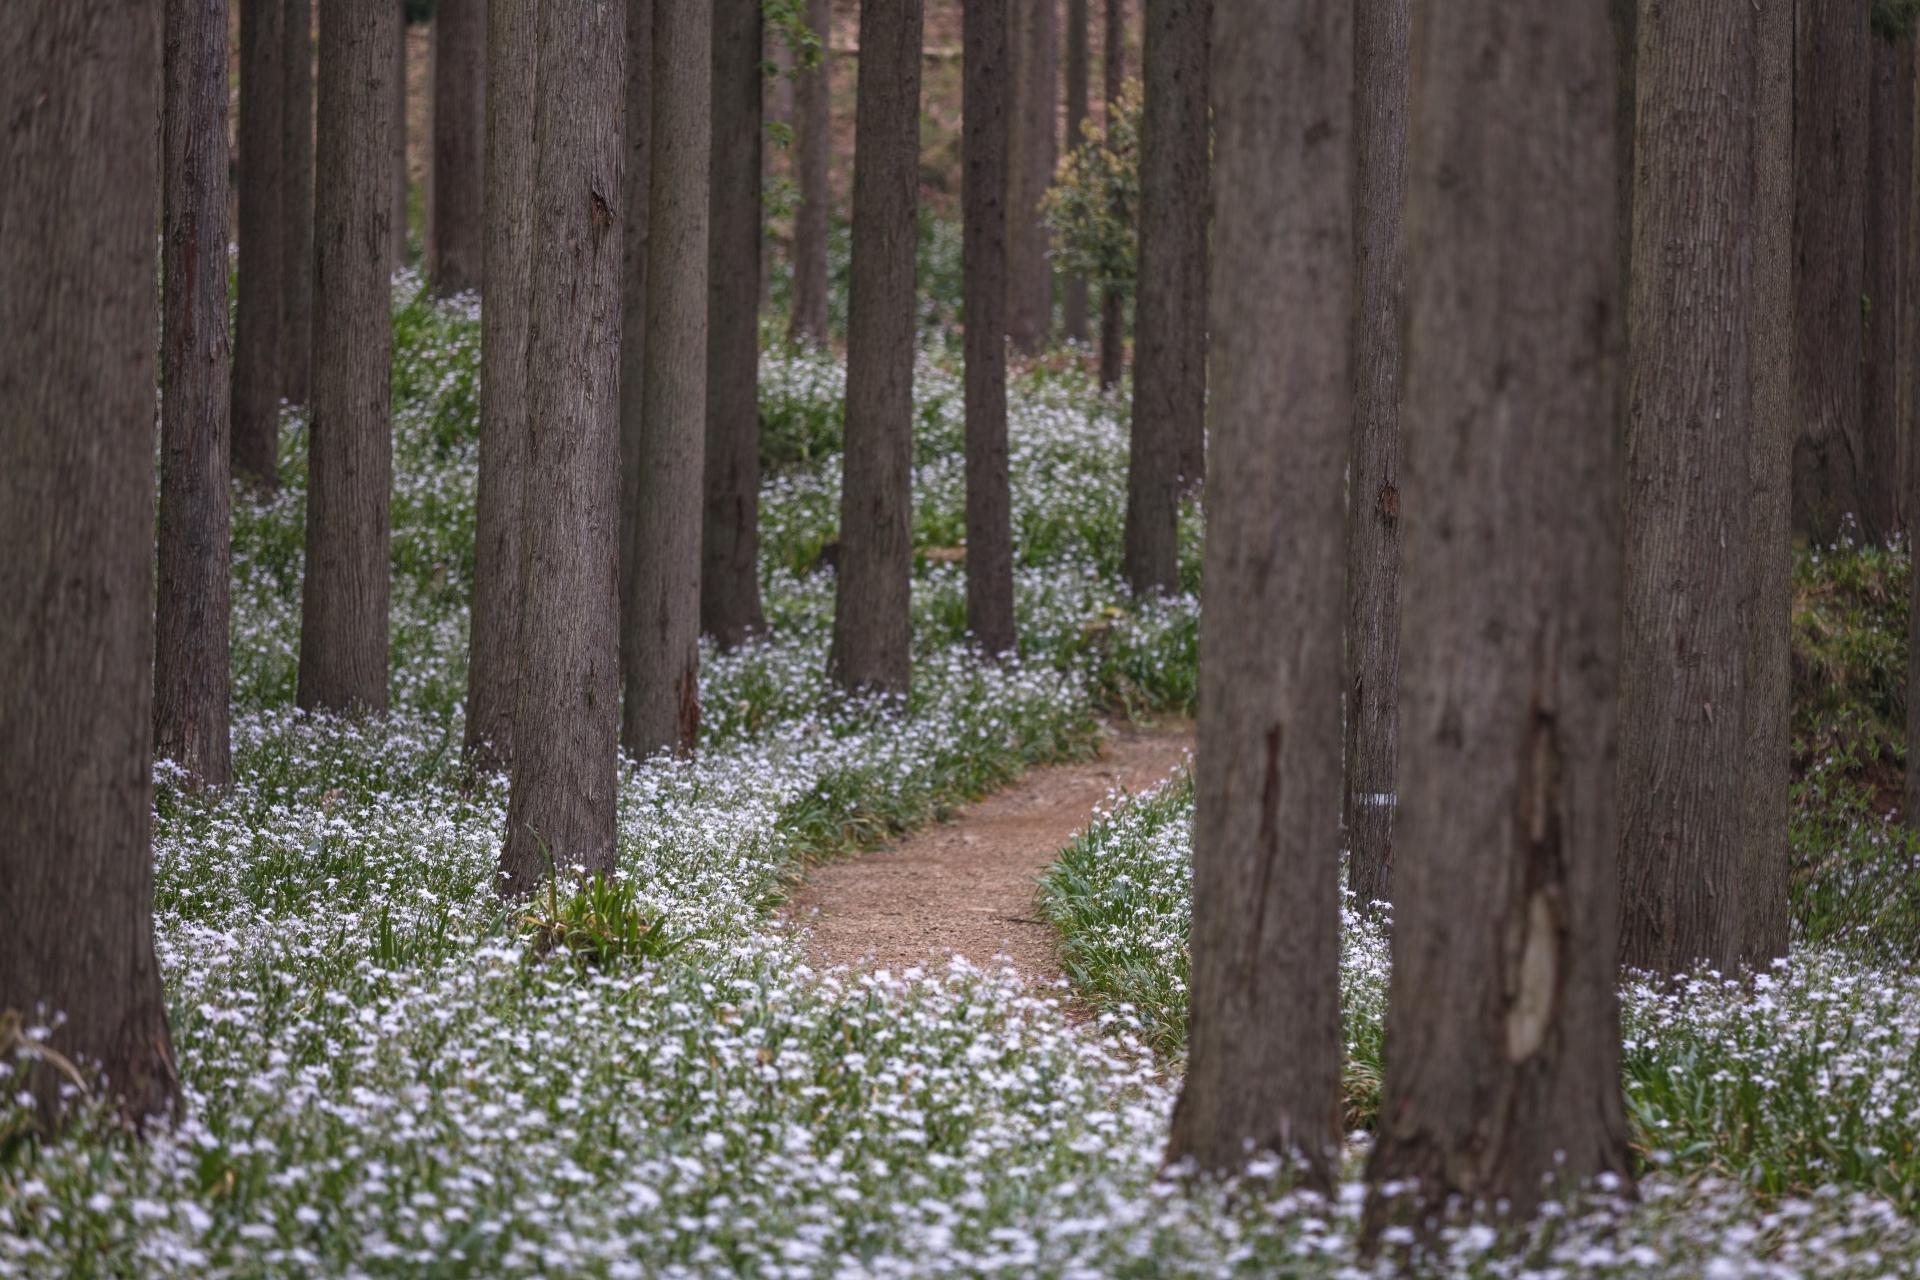 3866596_m 京都府 綾部シャガの群生地(森の中に現れる神秘的なシャガの群生景色! 写真の紹介、アクセス情報など)